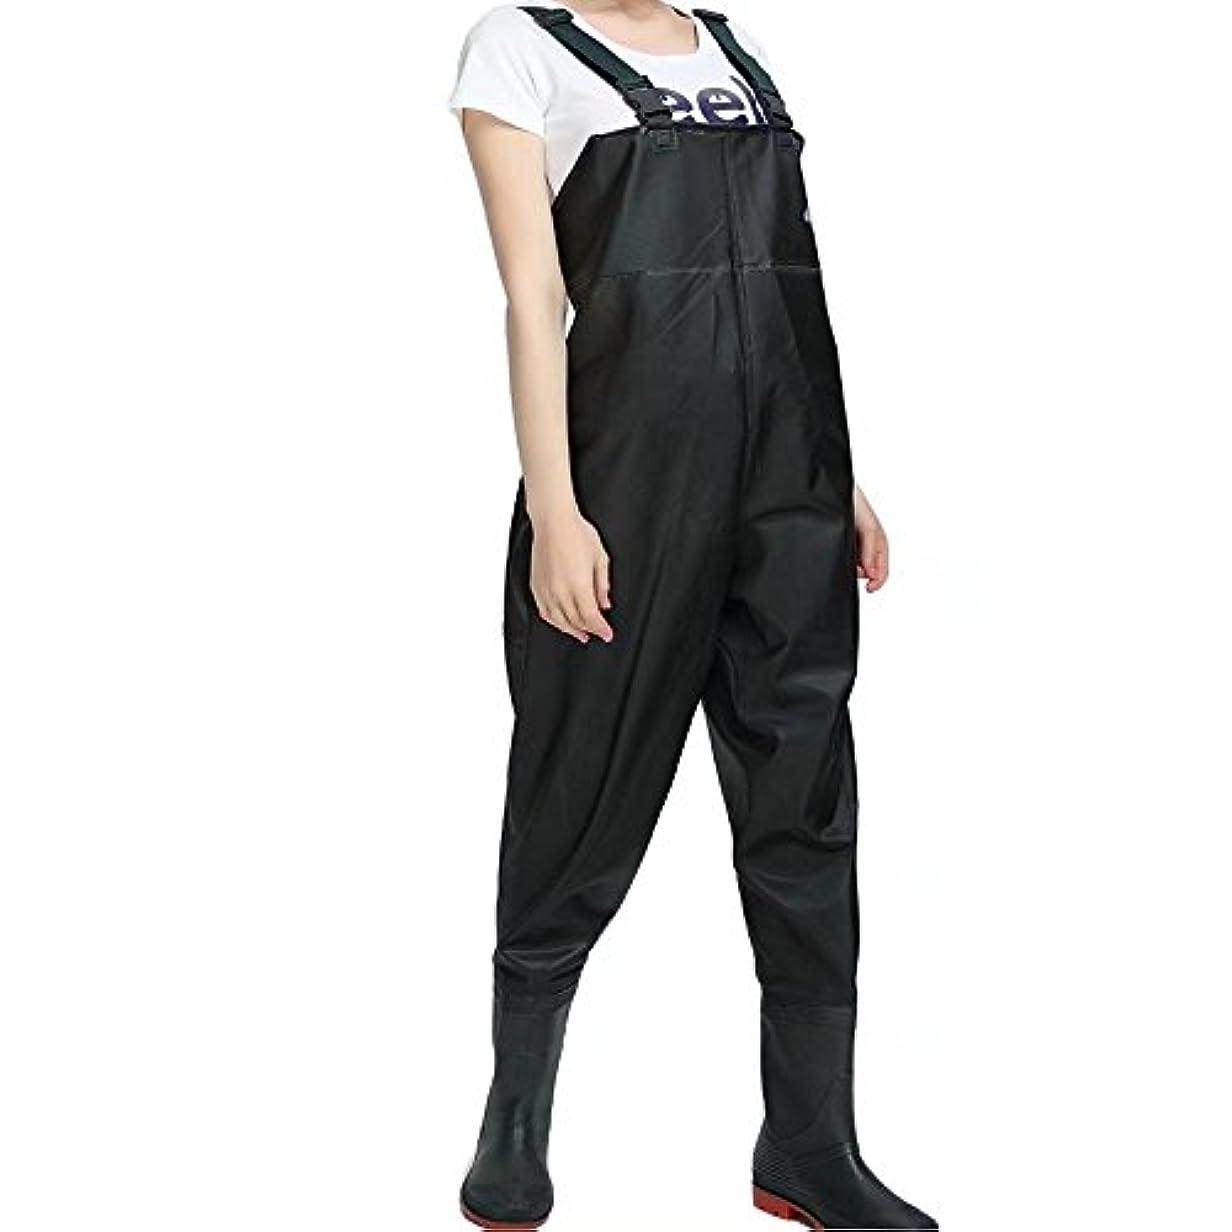 熟す規制日曜日PVC Chest Wadersの女性Bootfoot釣りWaders with Boots with 2ポケット調節可能なストラップブラック